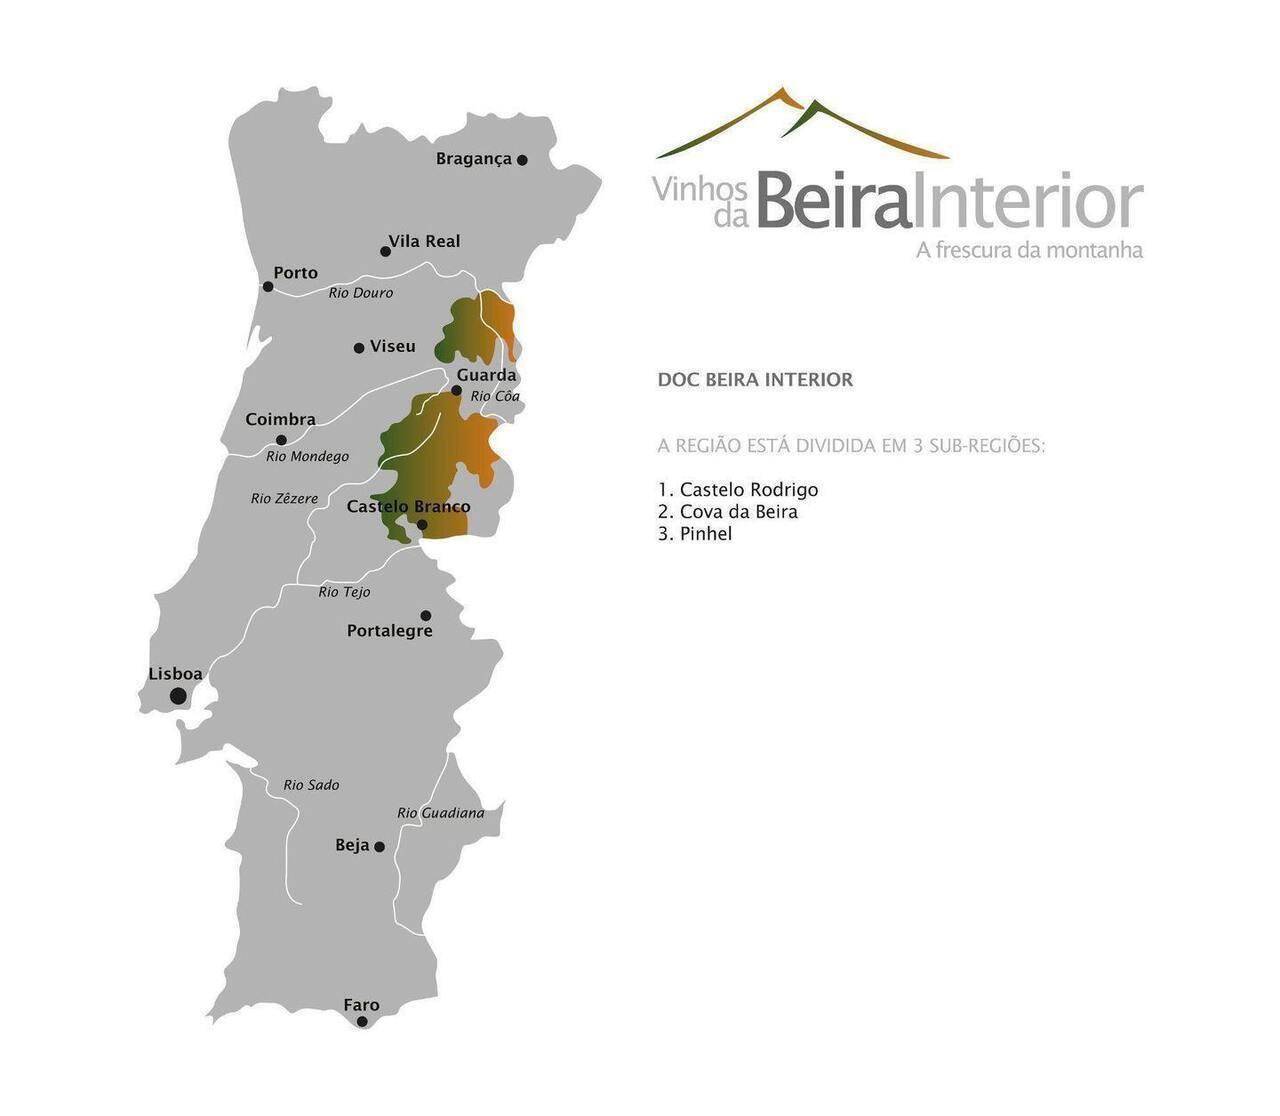 mapa de portugal beira interior Vinhos Beira Interior – A frescura da Montanha   beira.pt mapa de portugal beira interior